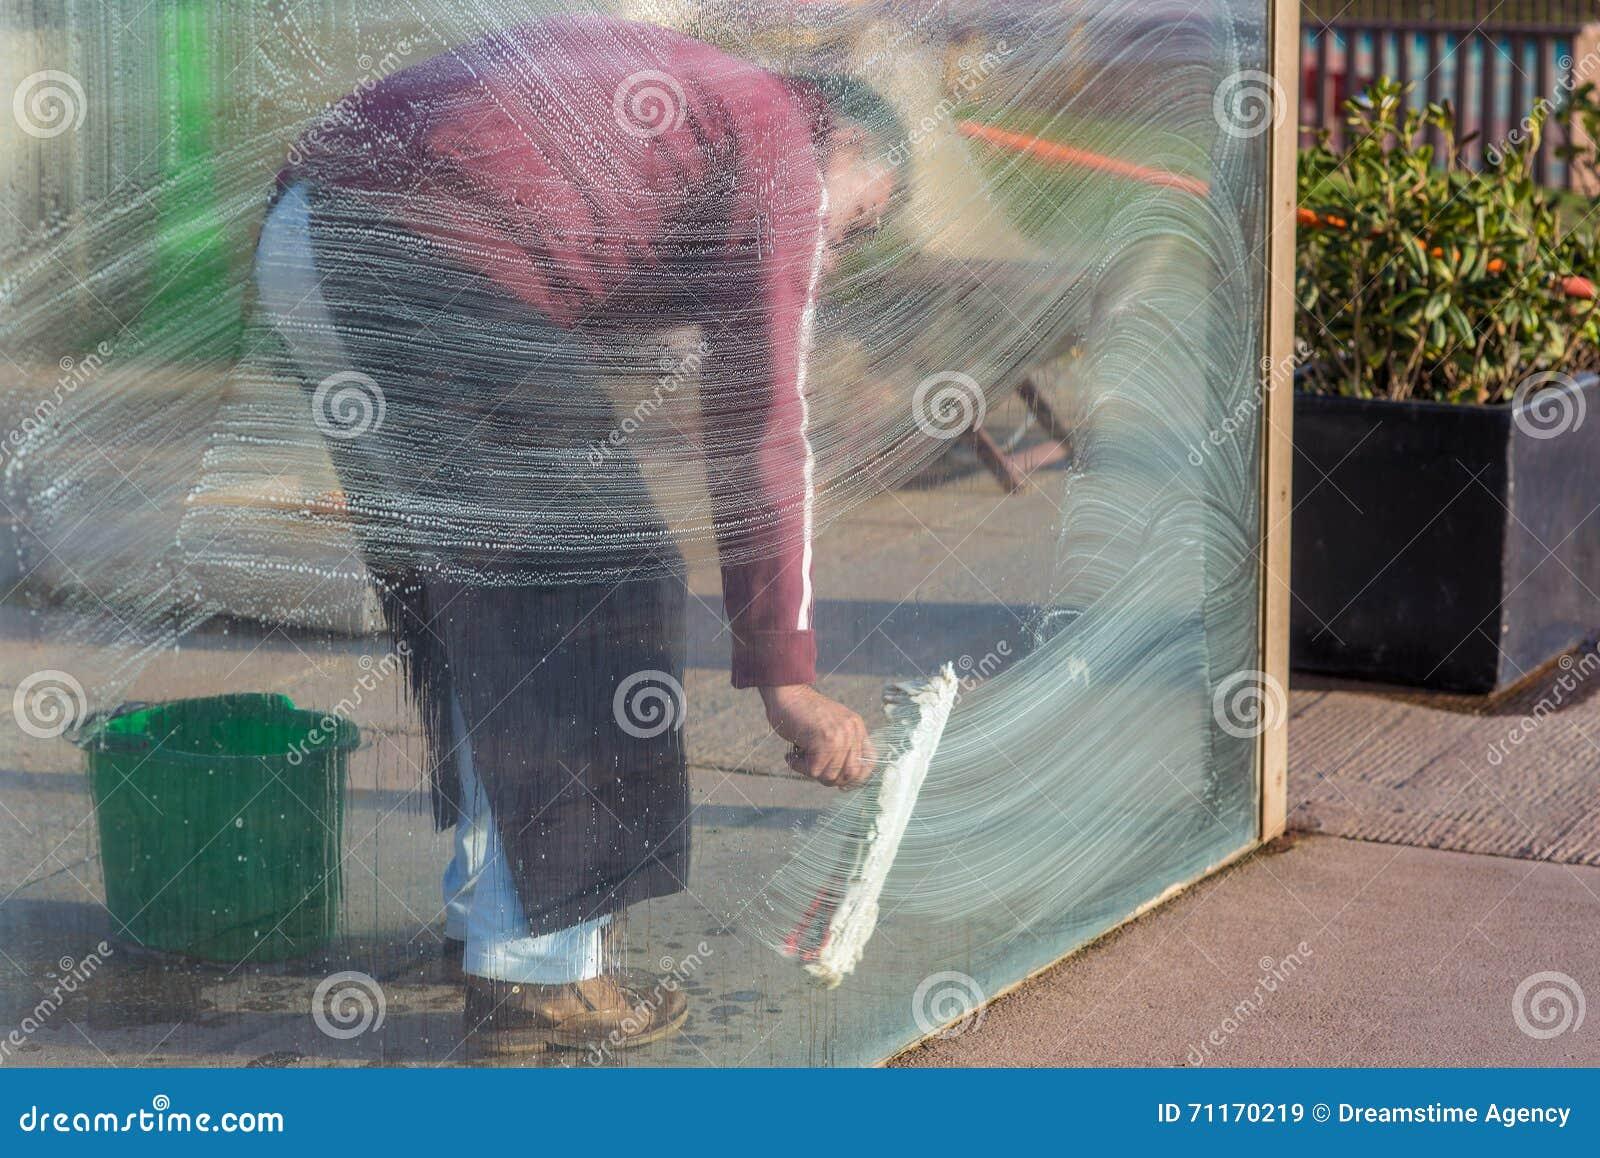 Placa de vidro de janelas da limpeza do homem com espuma